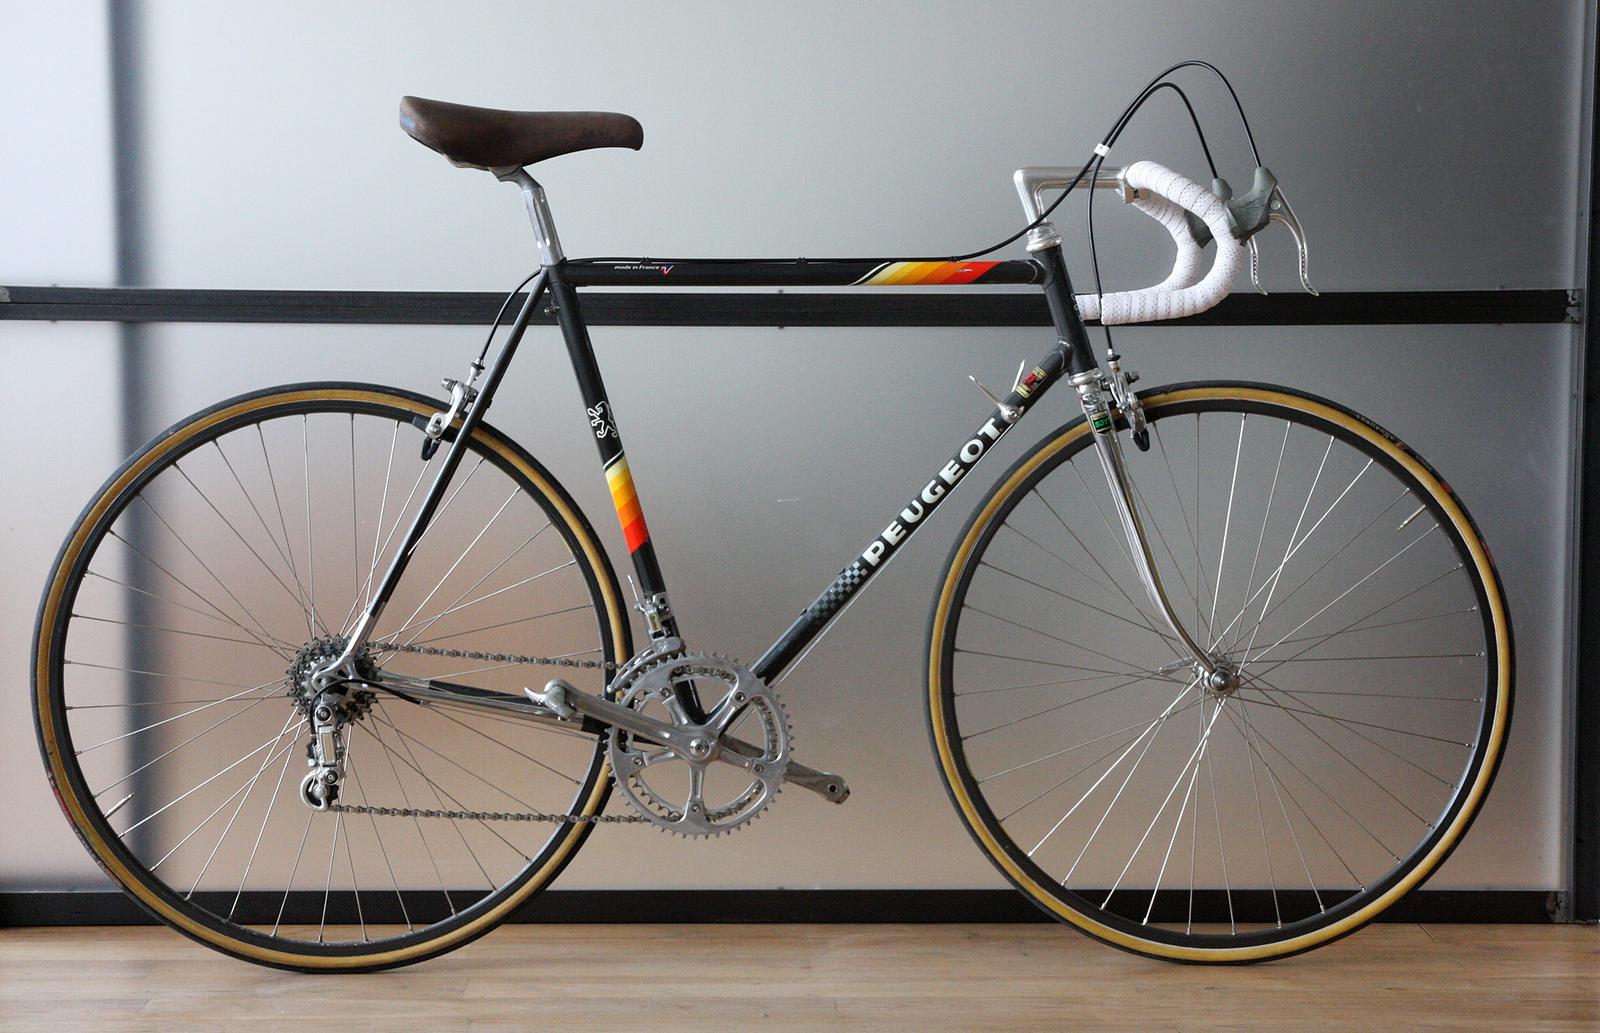 максимальная скорость велосипеда